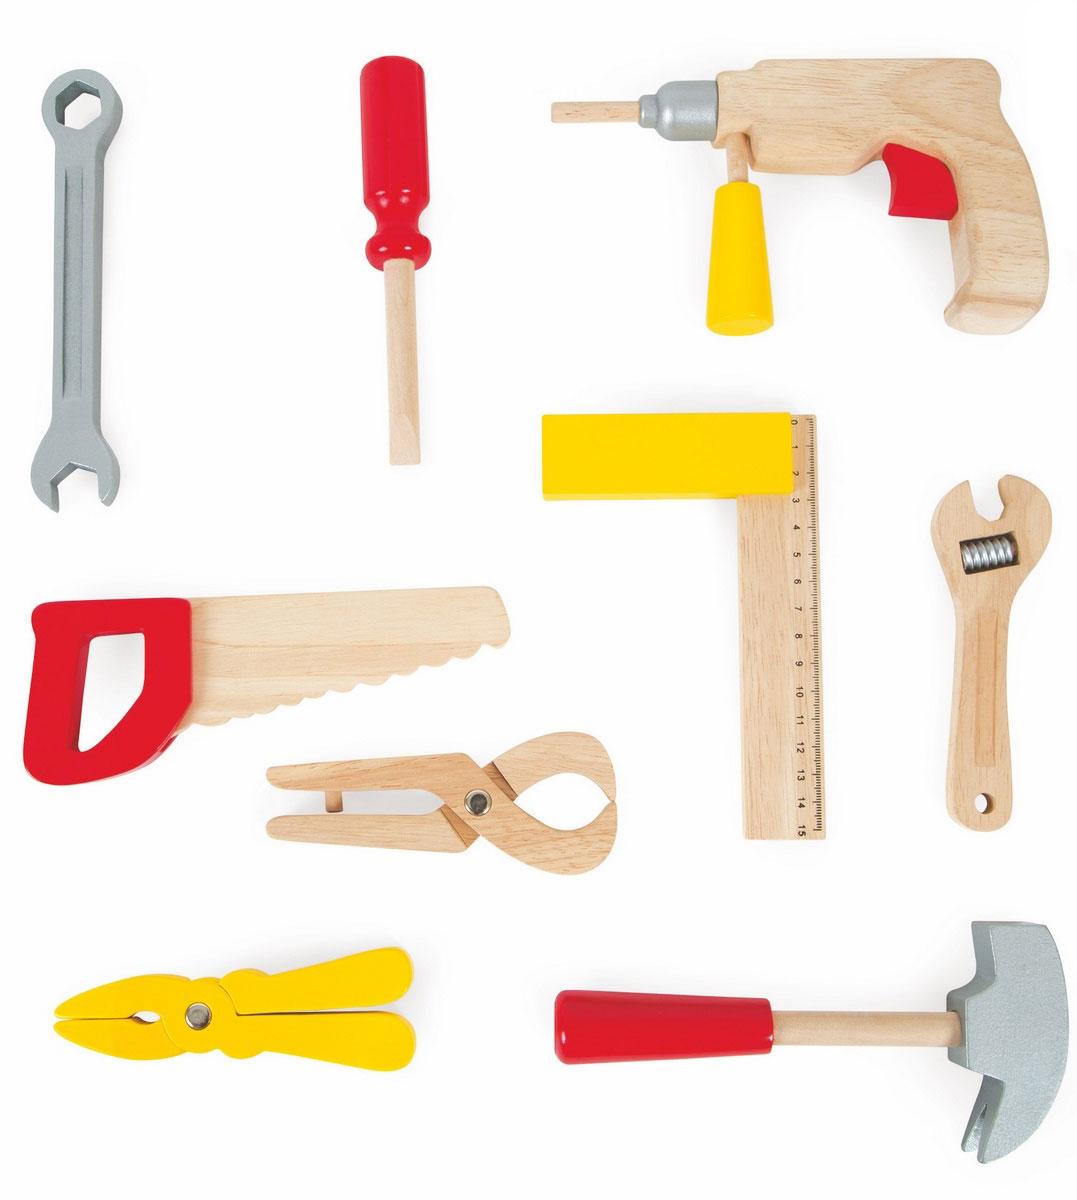 Janod Игрушечный набор Мастерская 9 предметовJ06488Игрушечный набор Janod Мастерская включает в себя все самое необходимого для маленького строителя. Все элементы набора выполнены из натуральной древесины и окрашены безопасными для ребенка красками. Детский набор инструментов поможет ребенку безопасно познакомиться с различными видами инструментов, приобрести первые навыки работы с ними, почувствовать себя настоящим маленьким мастером. Девять инструментов легко крепятся в самом чемоданчике для удобного хранения и переноски.